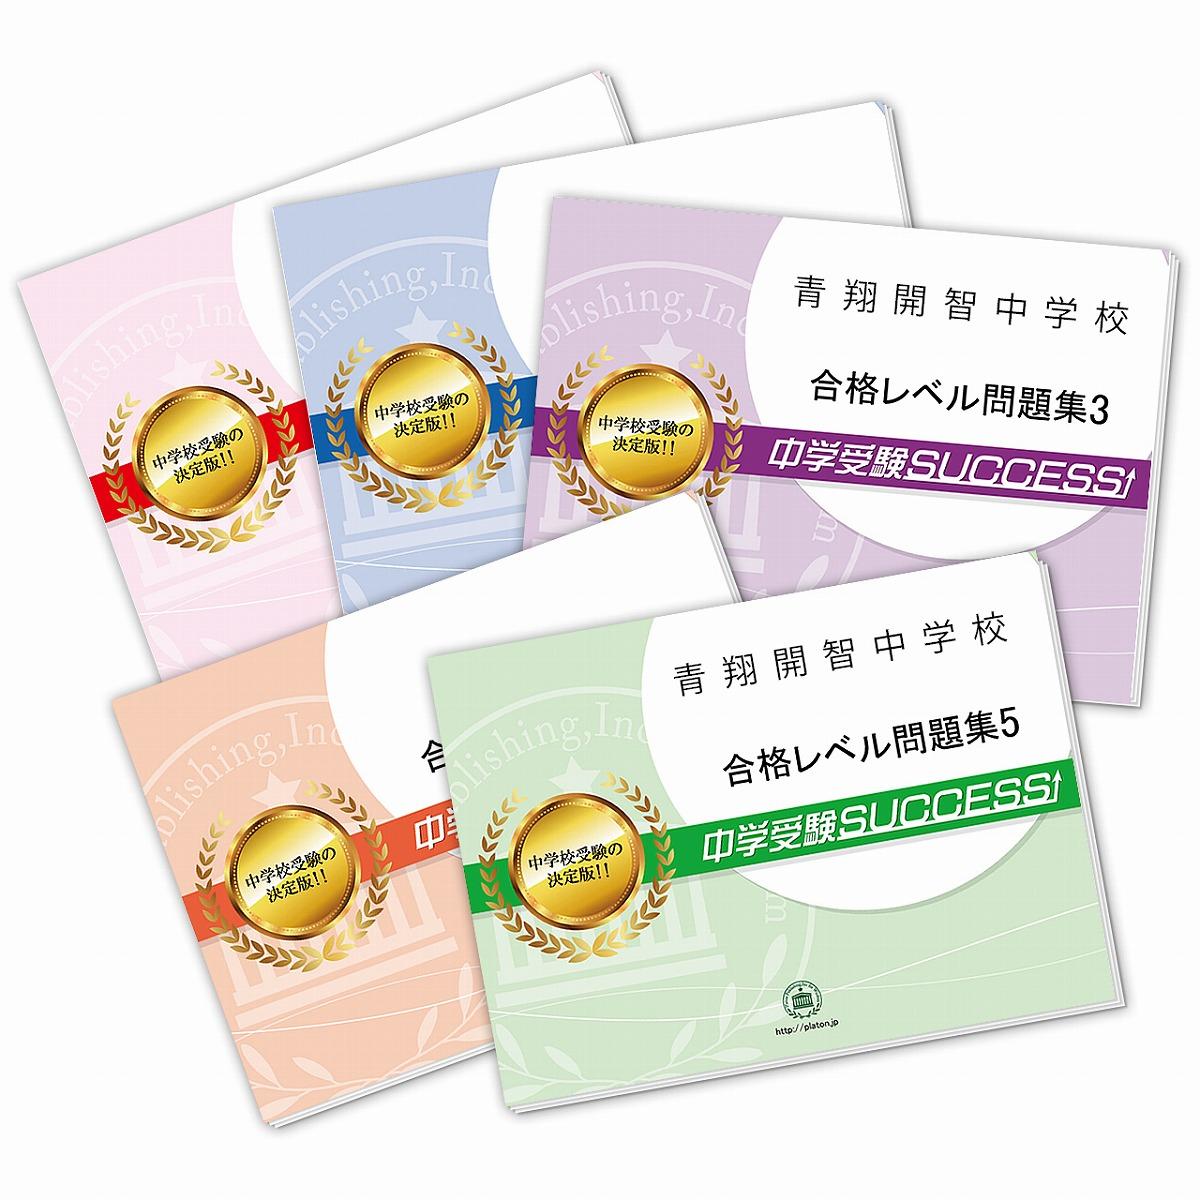 【送料・代引手数料無料】青翔開智中学校・直前対策合格セット(5冊)